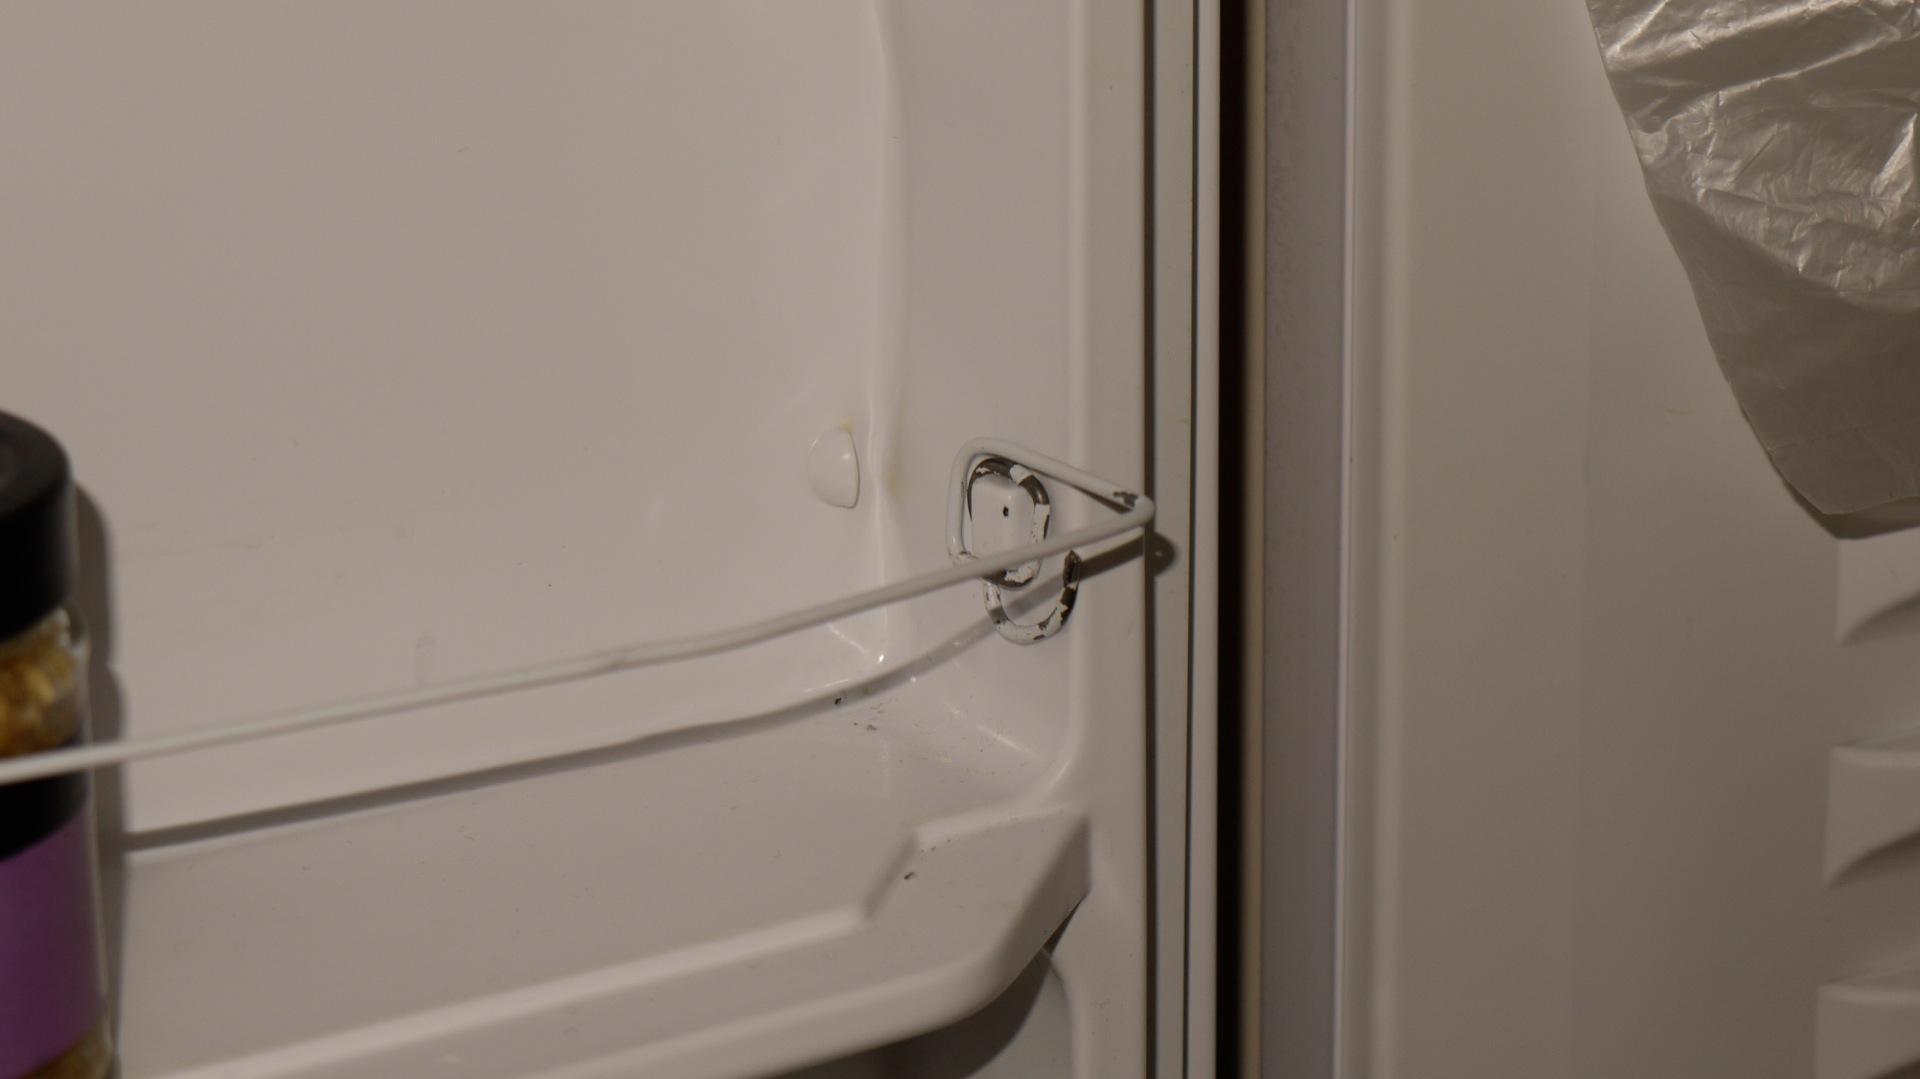 Diy Refrigerator Door Shelves